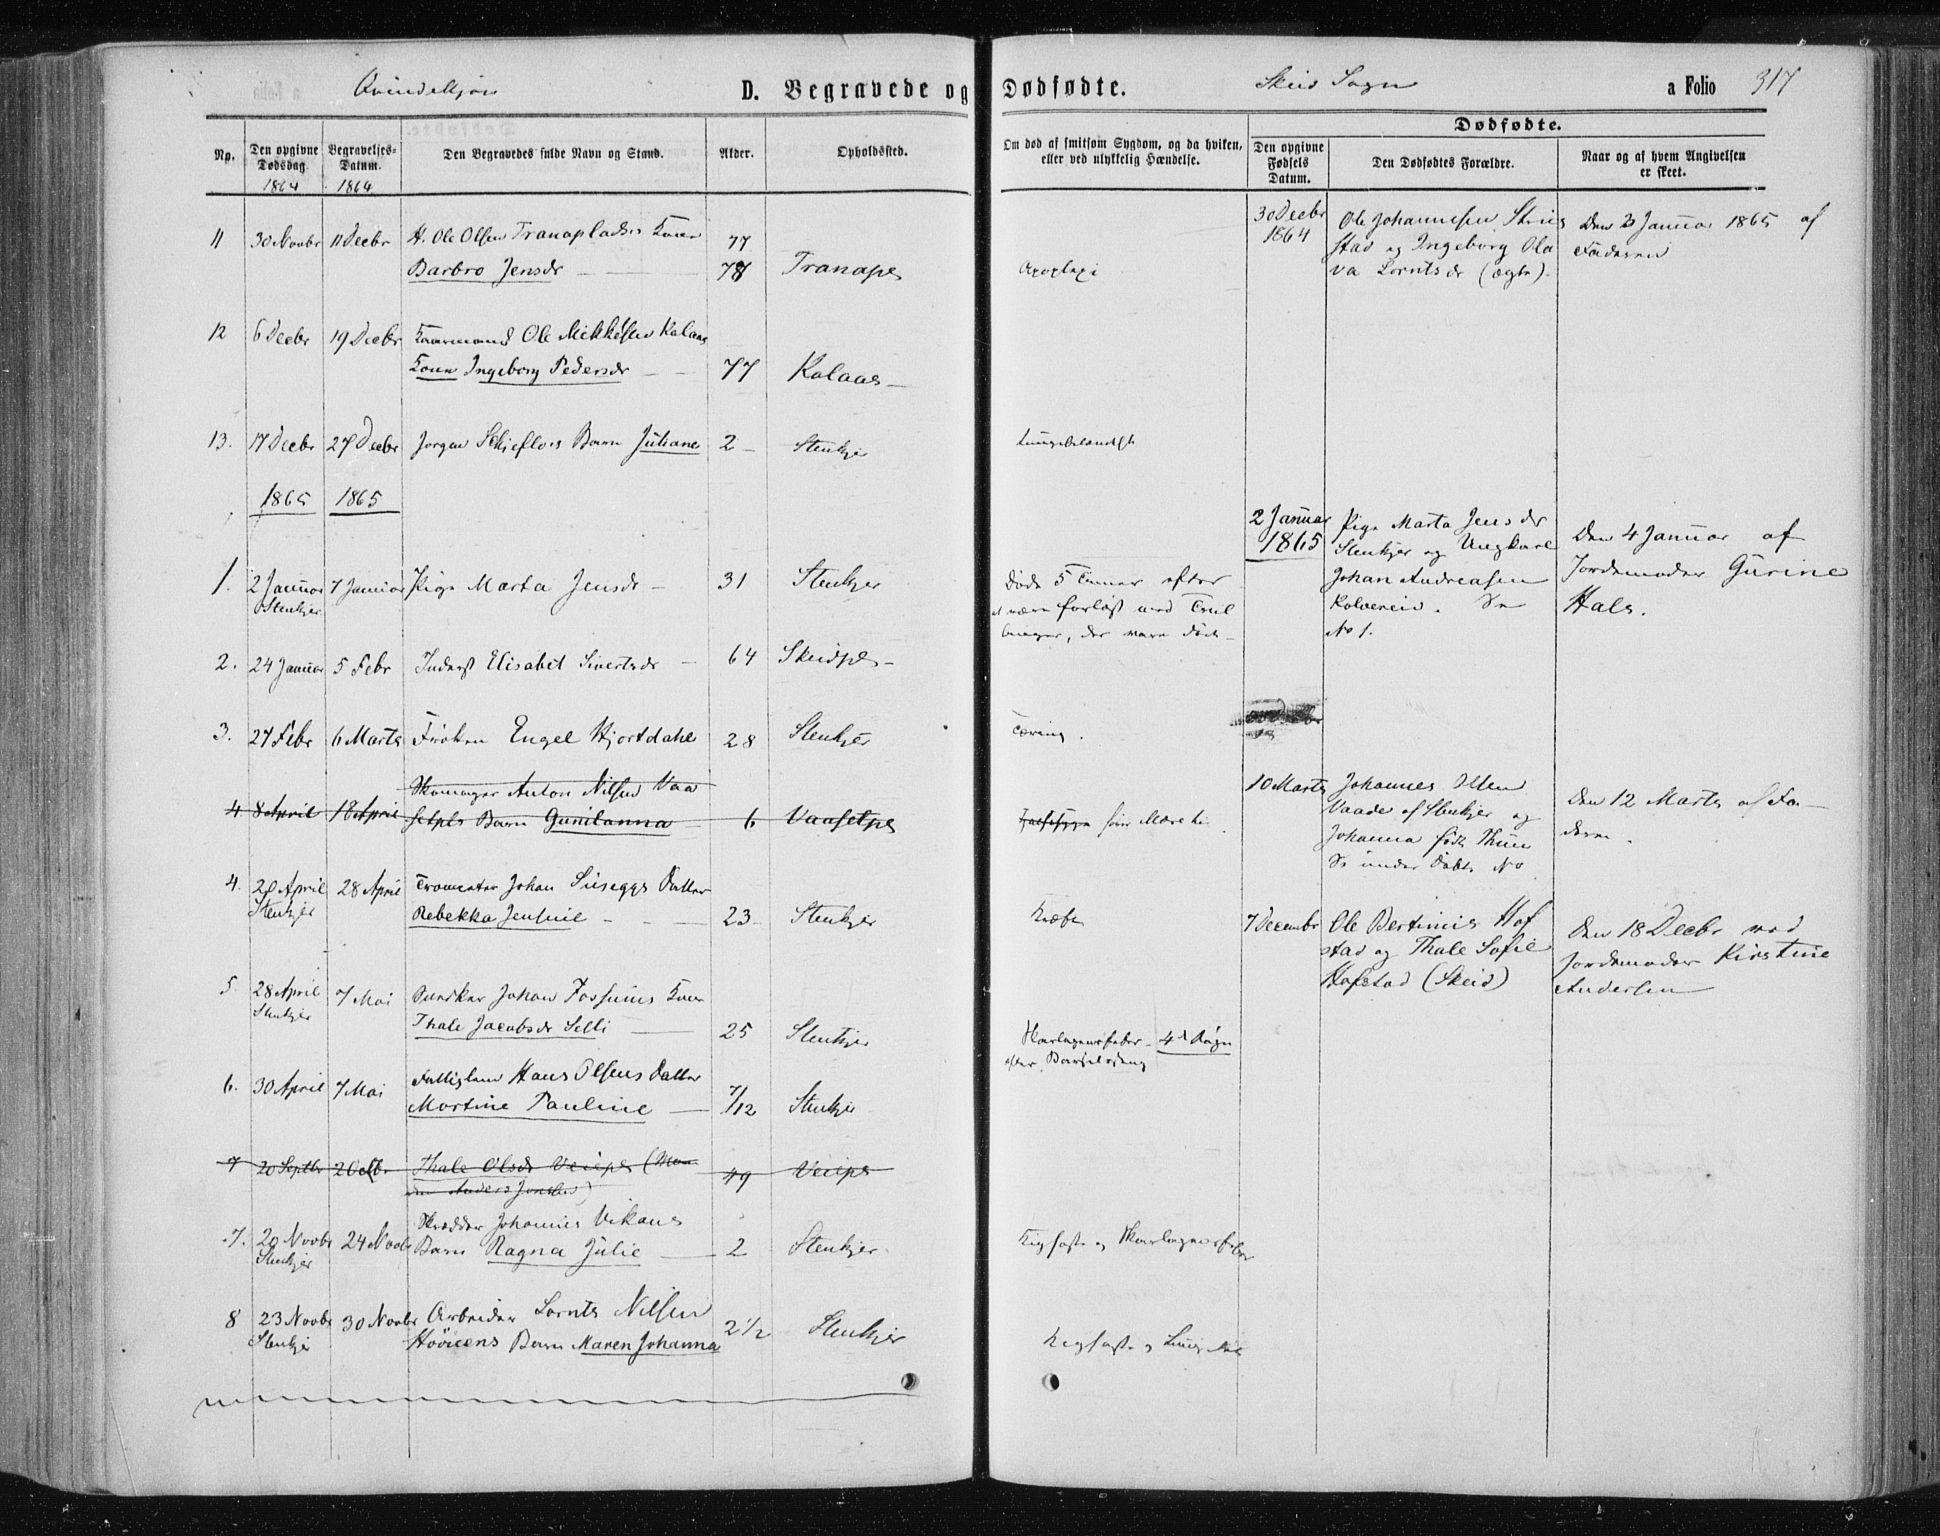 SAT, Ministerialprotokoller, klokkerbøker og fødselsregistre - Nord-Trøndelag, 735/L0345: Ministerialbok nr. 735A08 /2, 1863-1872, s. 317